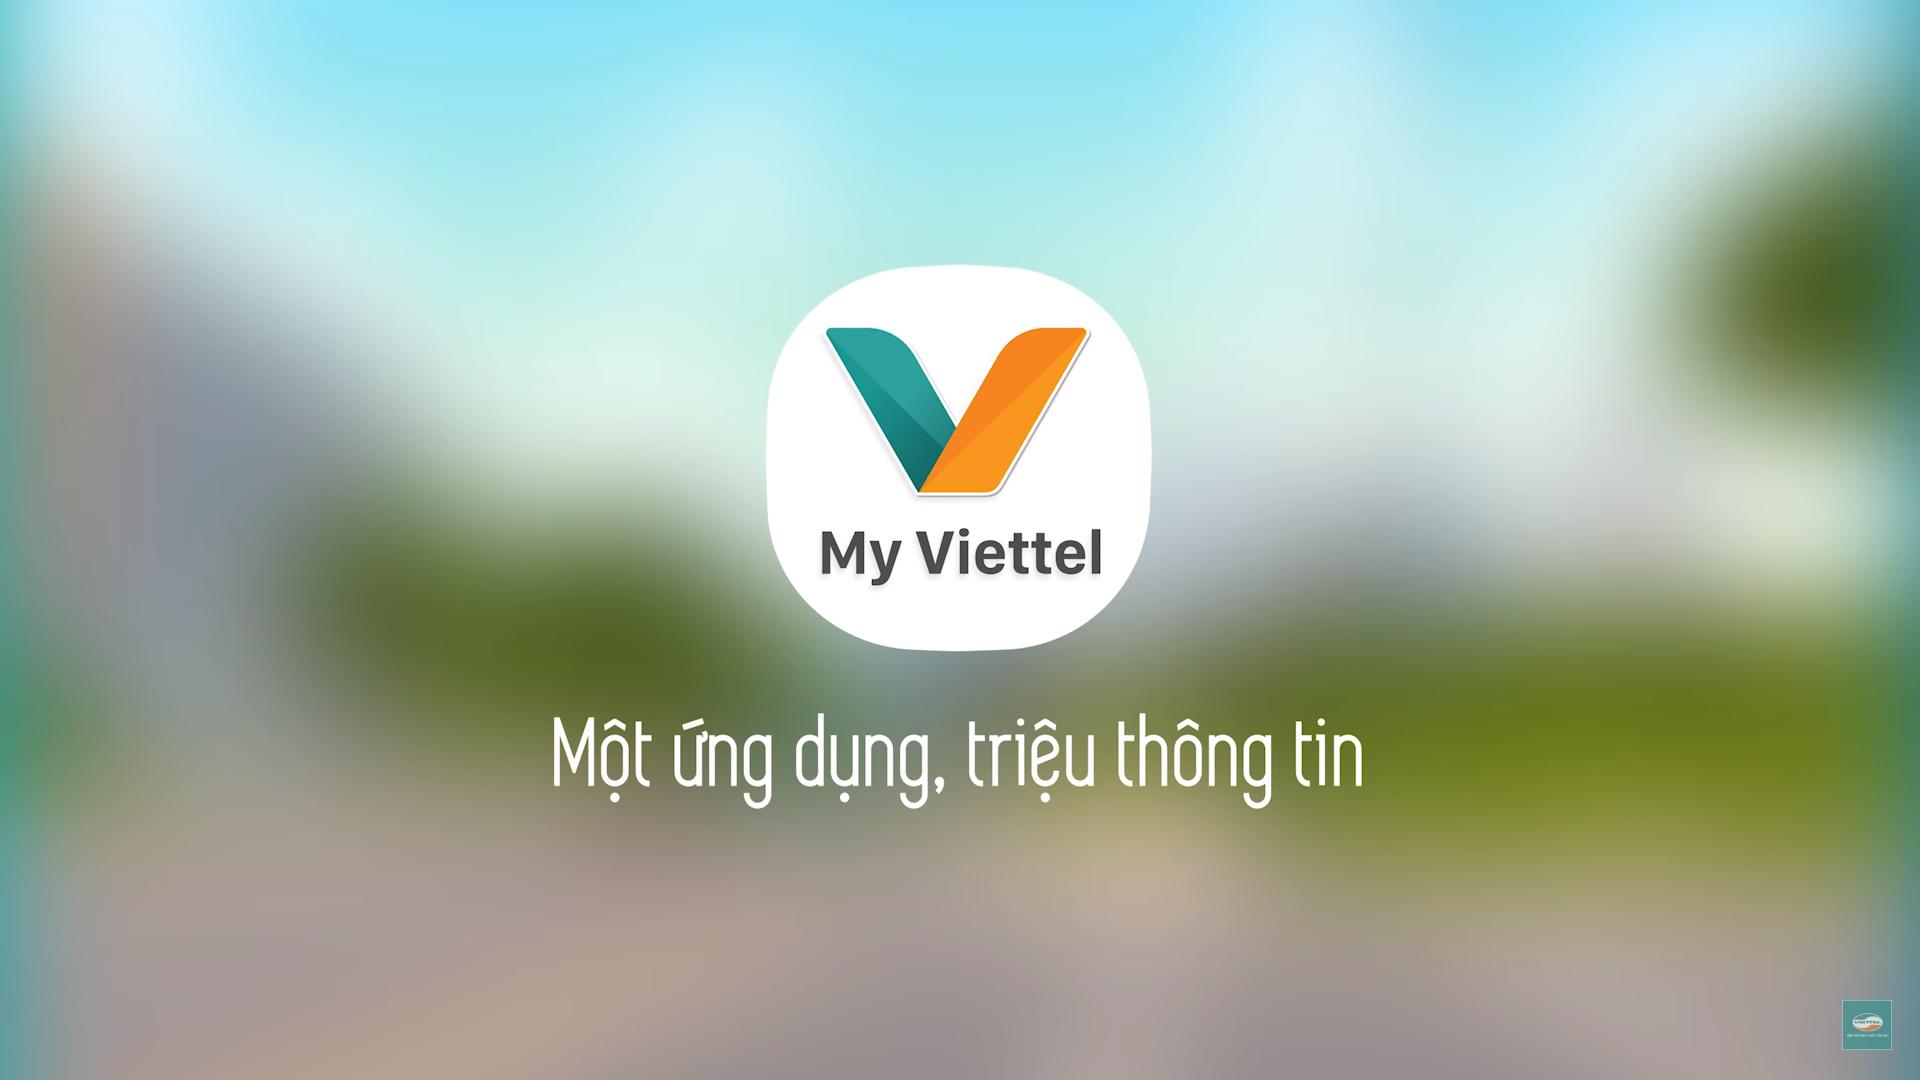 ứng dụng My Viettel